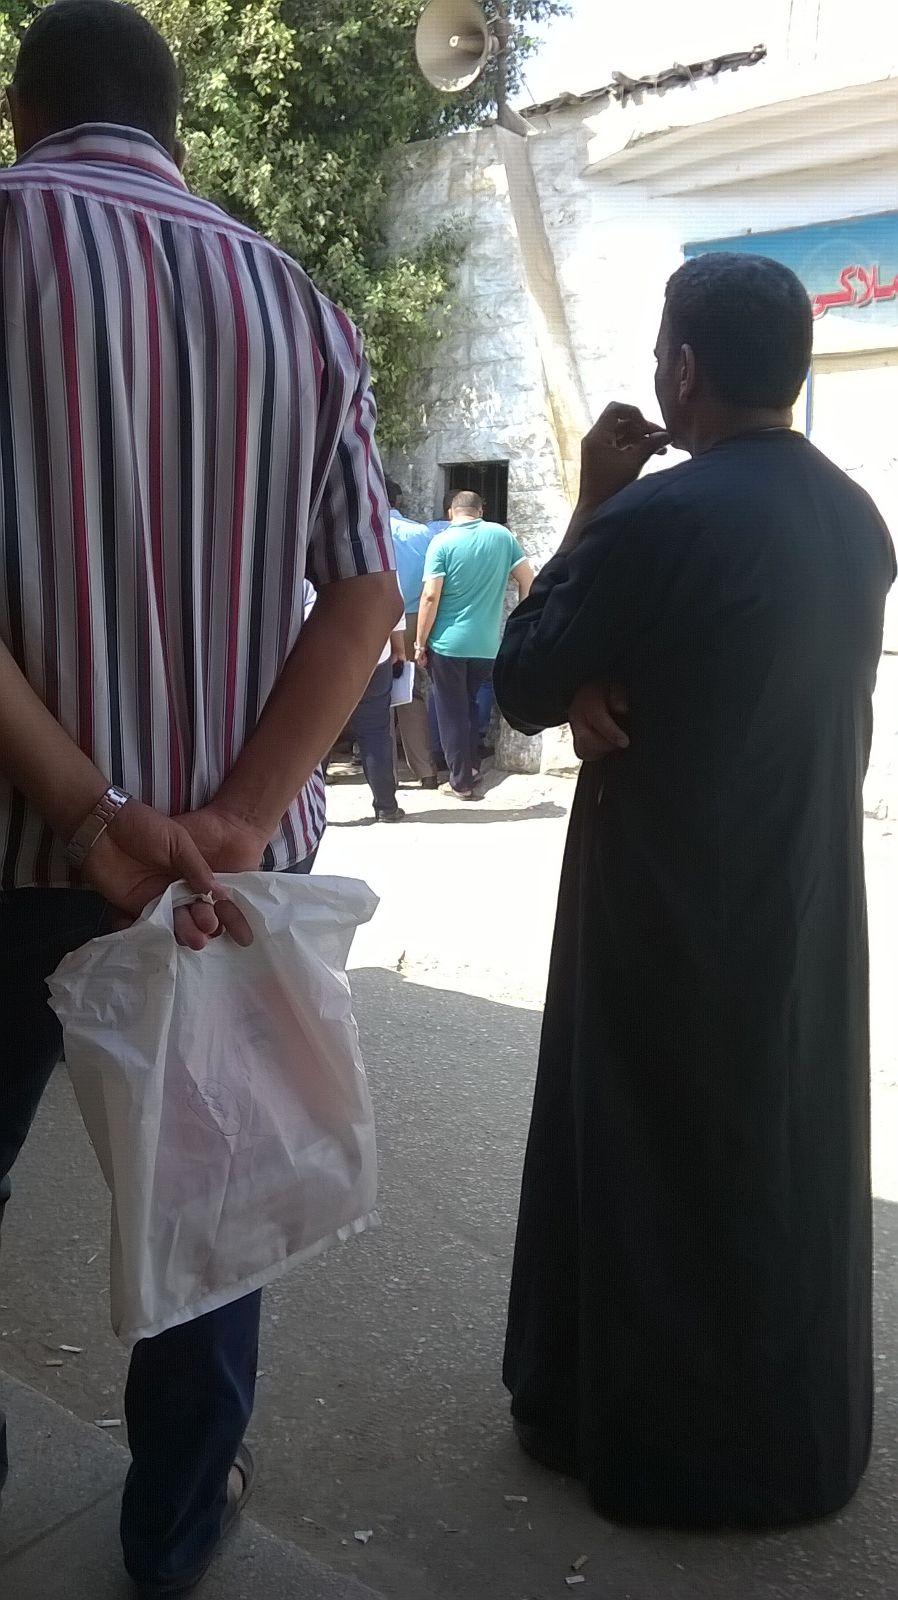 بالصور.. مواطنون يشكون «فوضى» مرور السلام: «15 سنة على هذا الوضع»